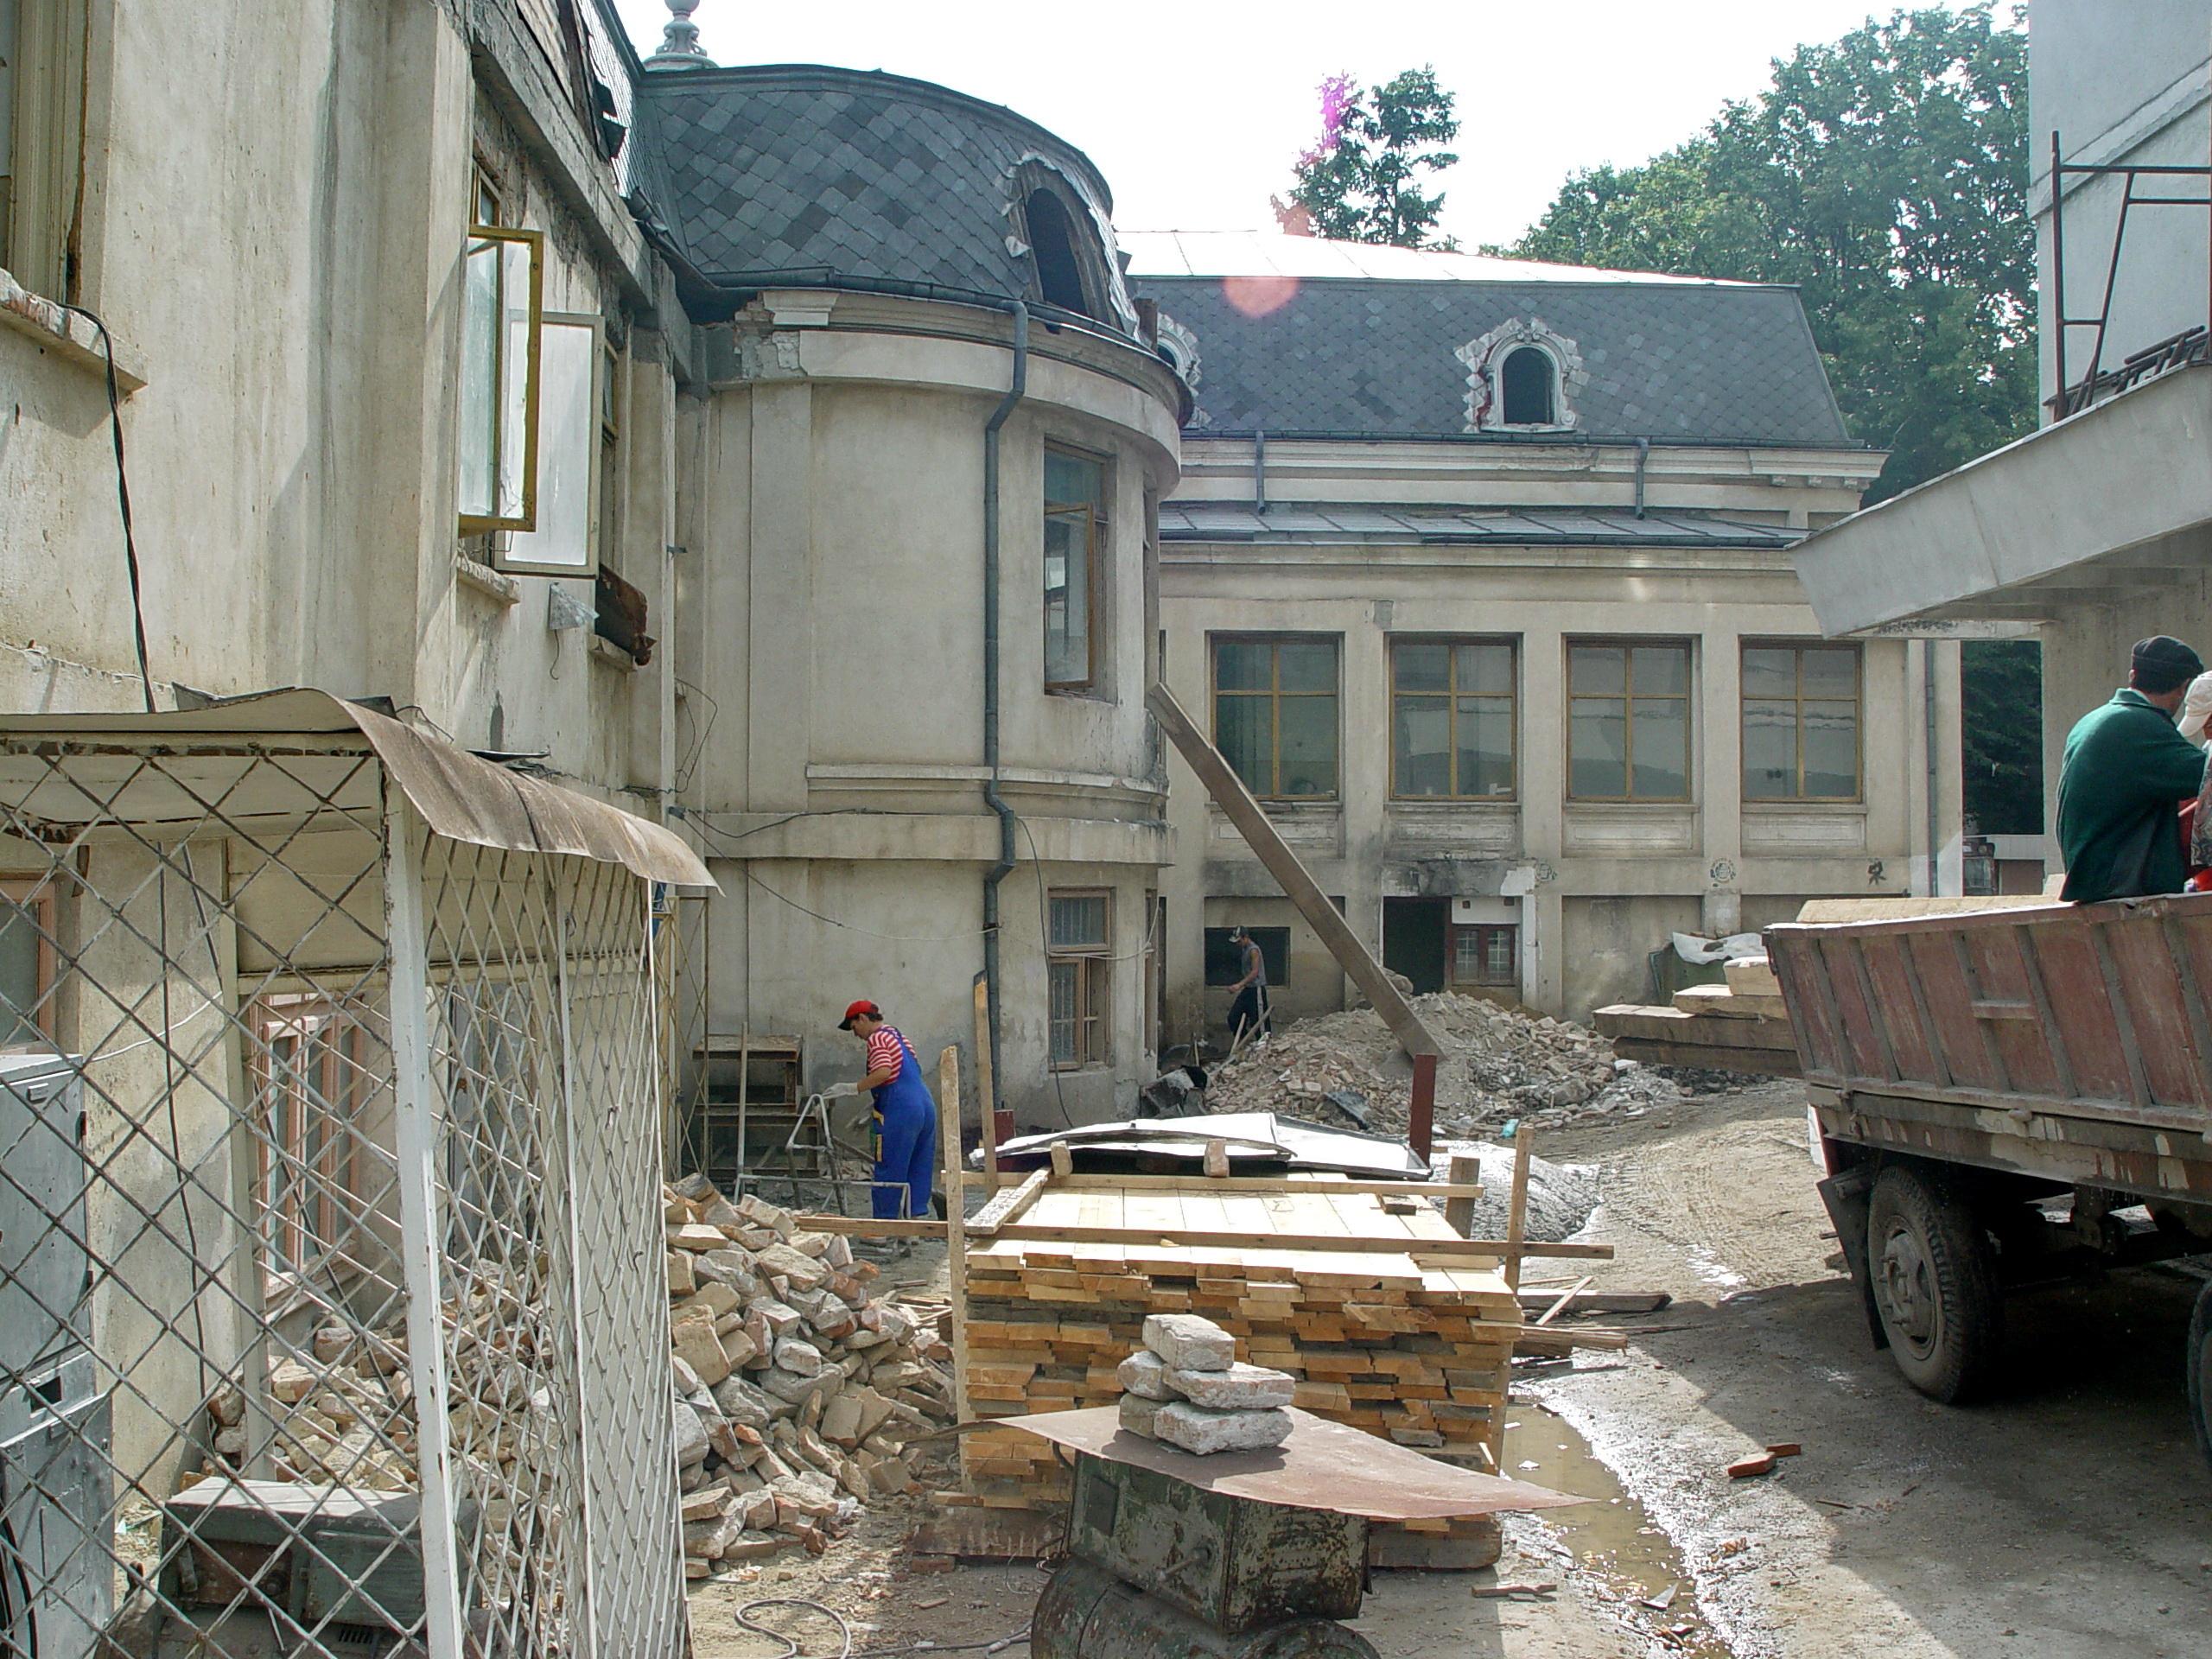 Galaţi: După cinci ani de procese, Casa Gheorghiade, una dintre cele mai frumoase clădiri de pe strada Domnească, rămâne proprietatea oraşului 2